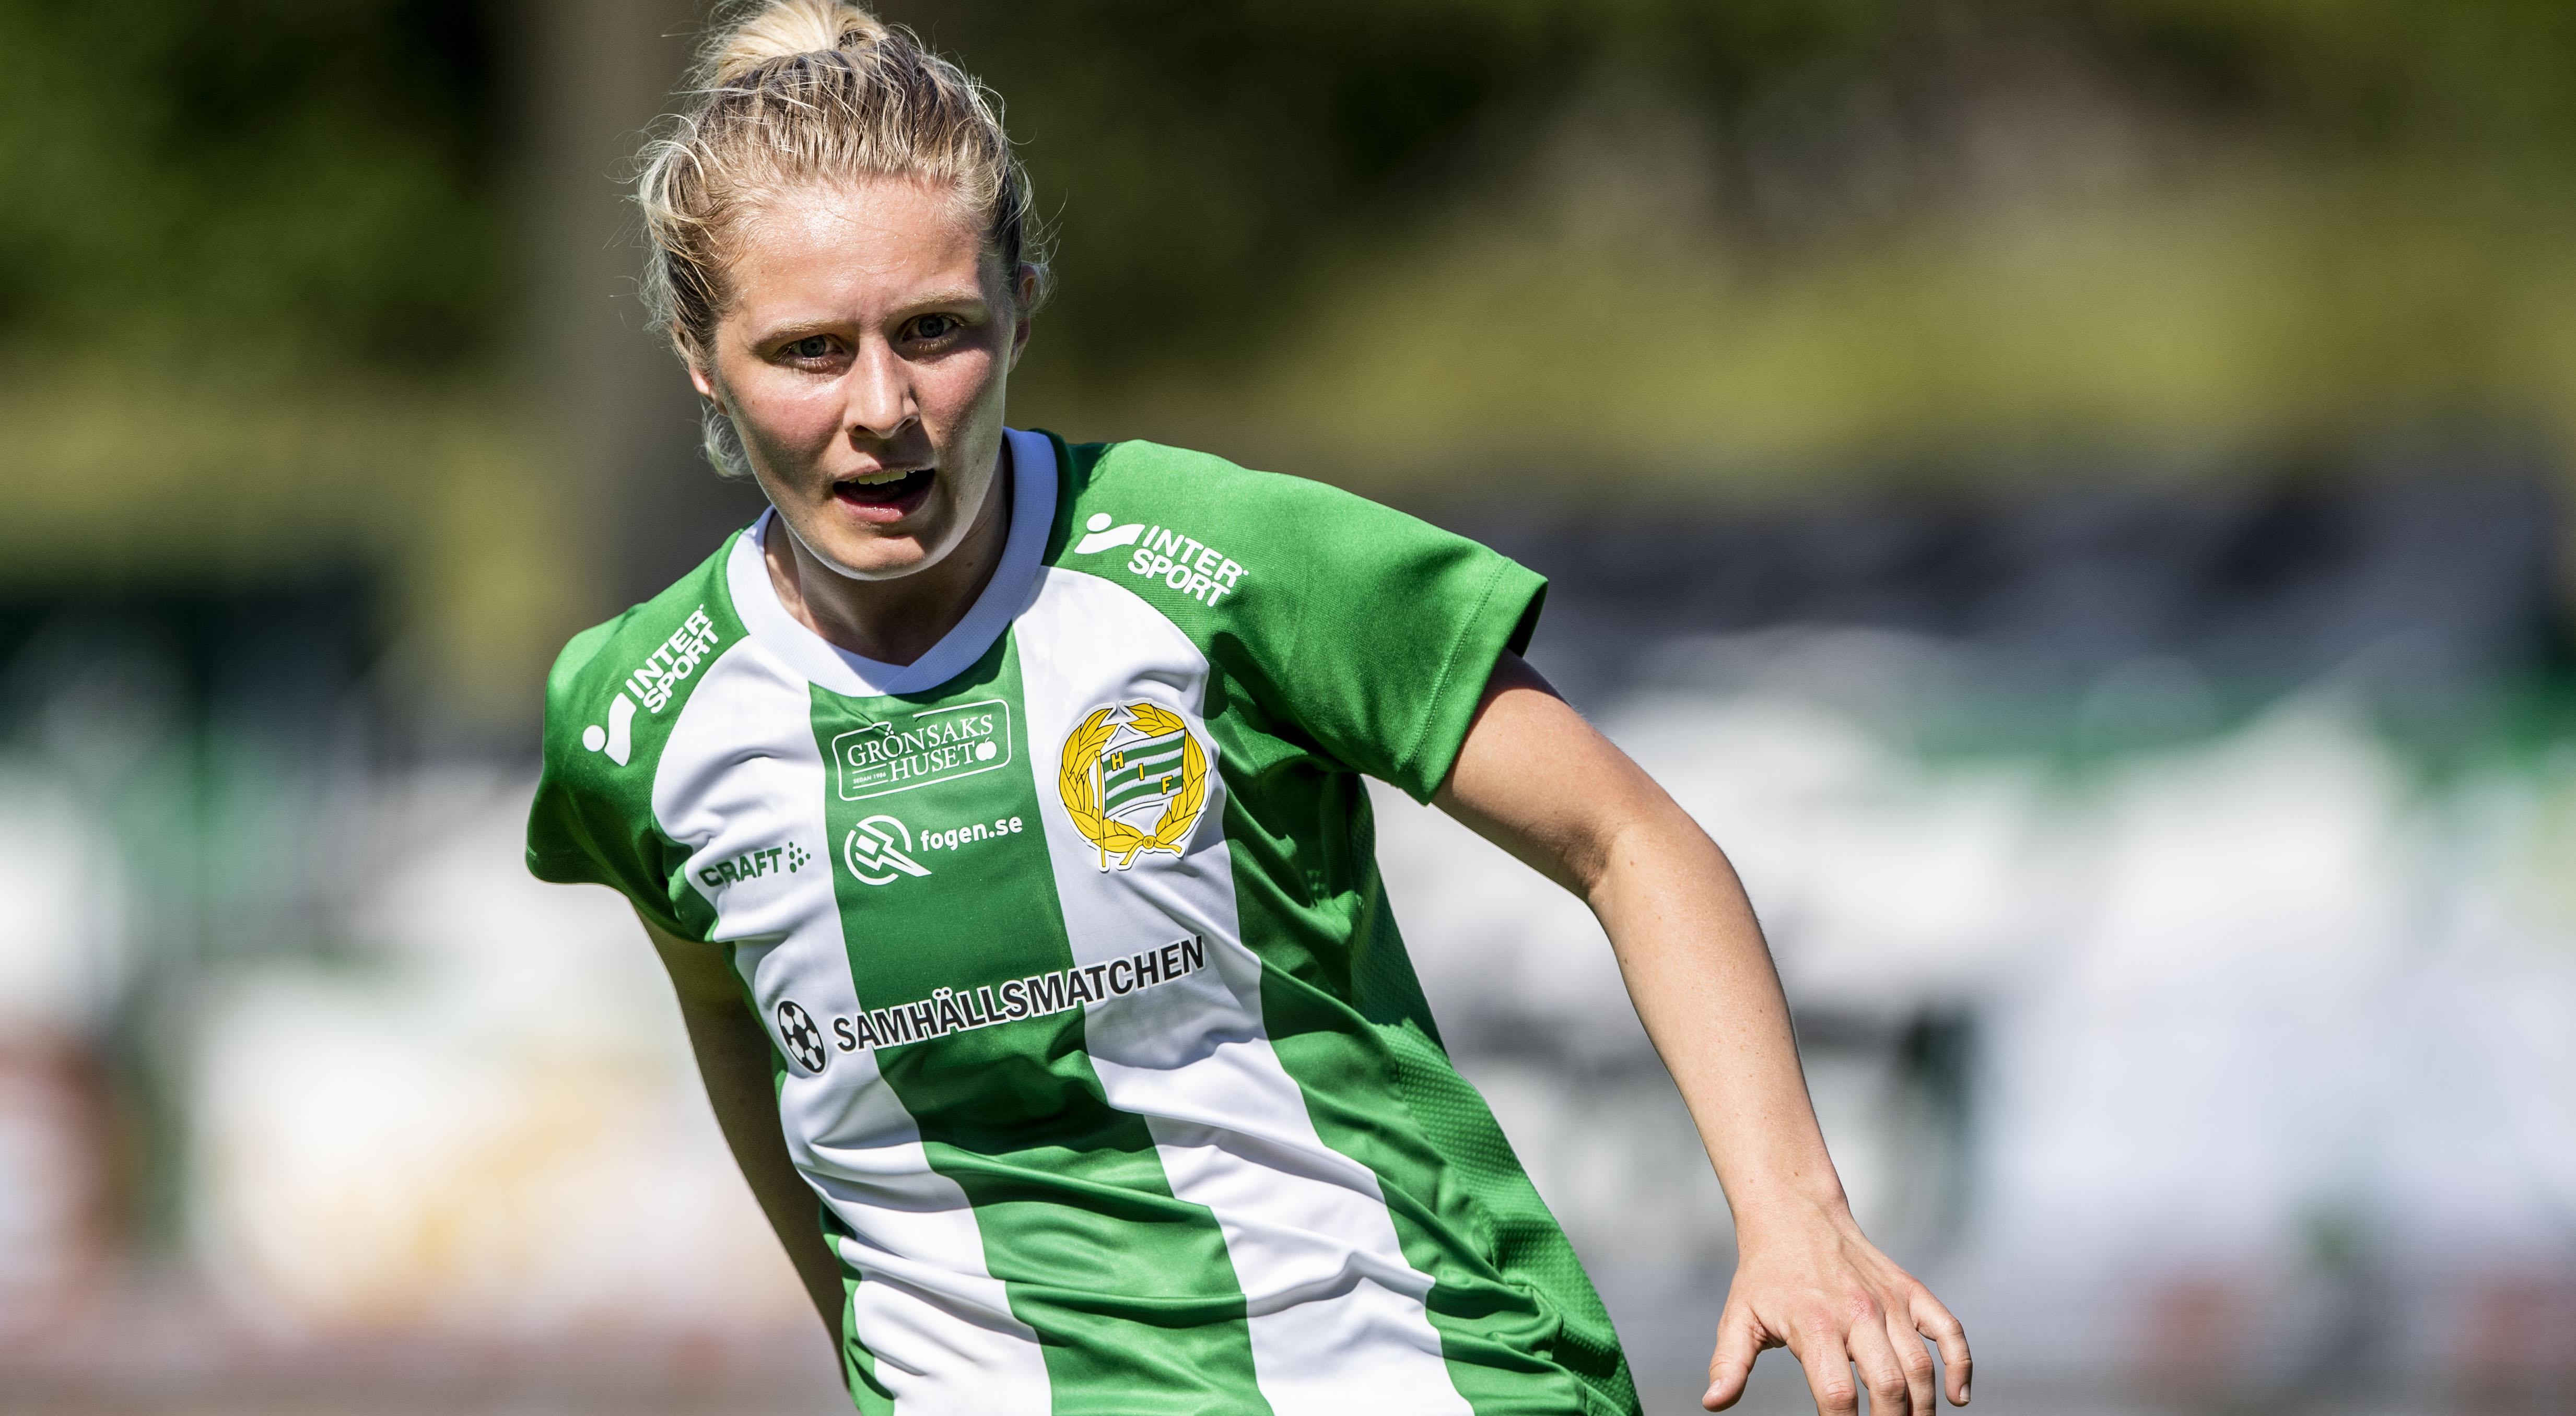 JUST NU: Hammarby har vänt - Jansson målskytt för gästerna